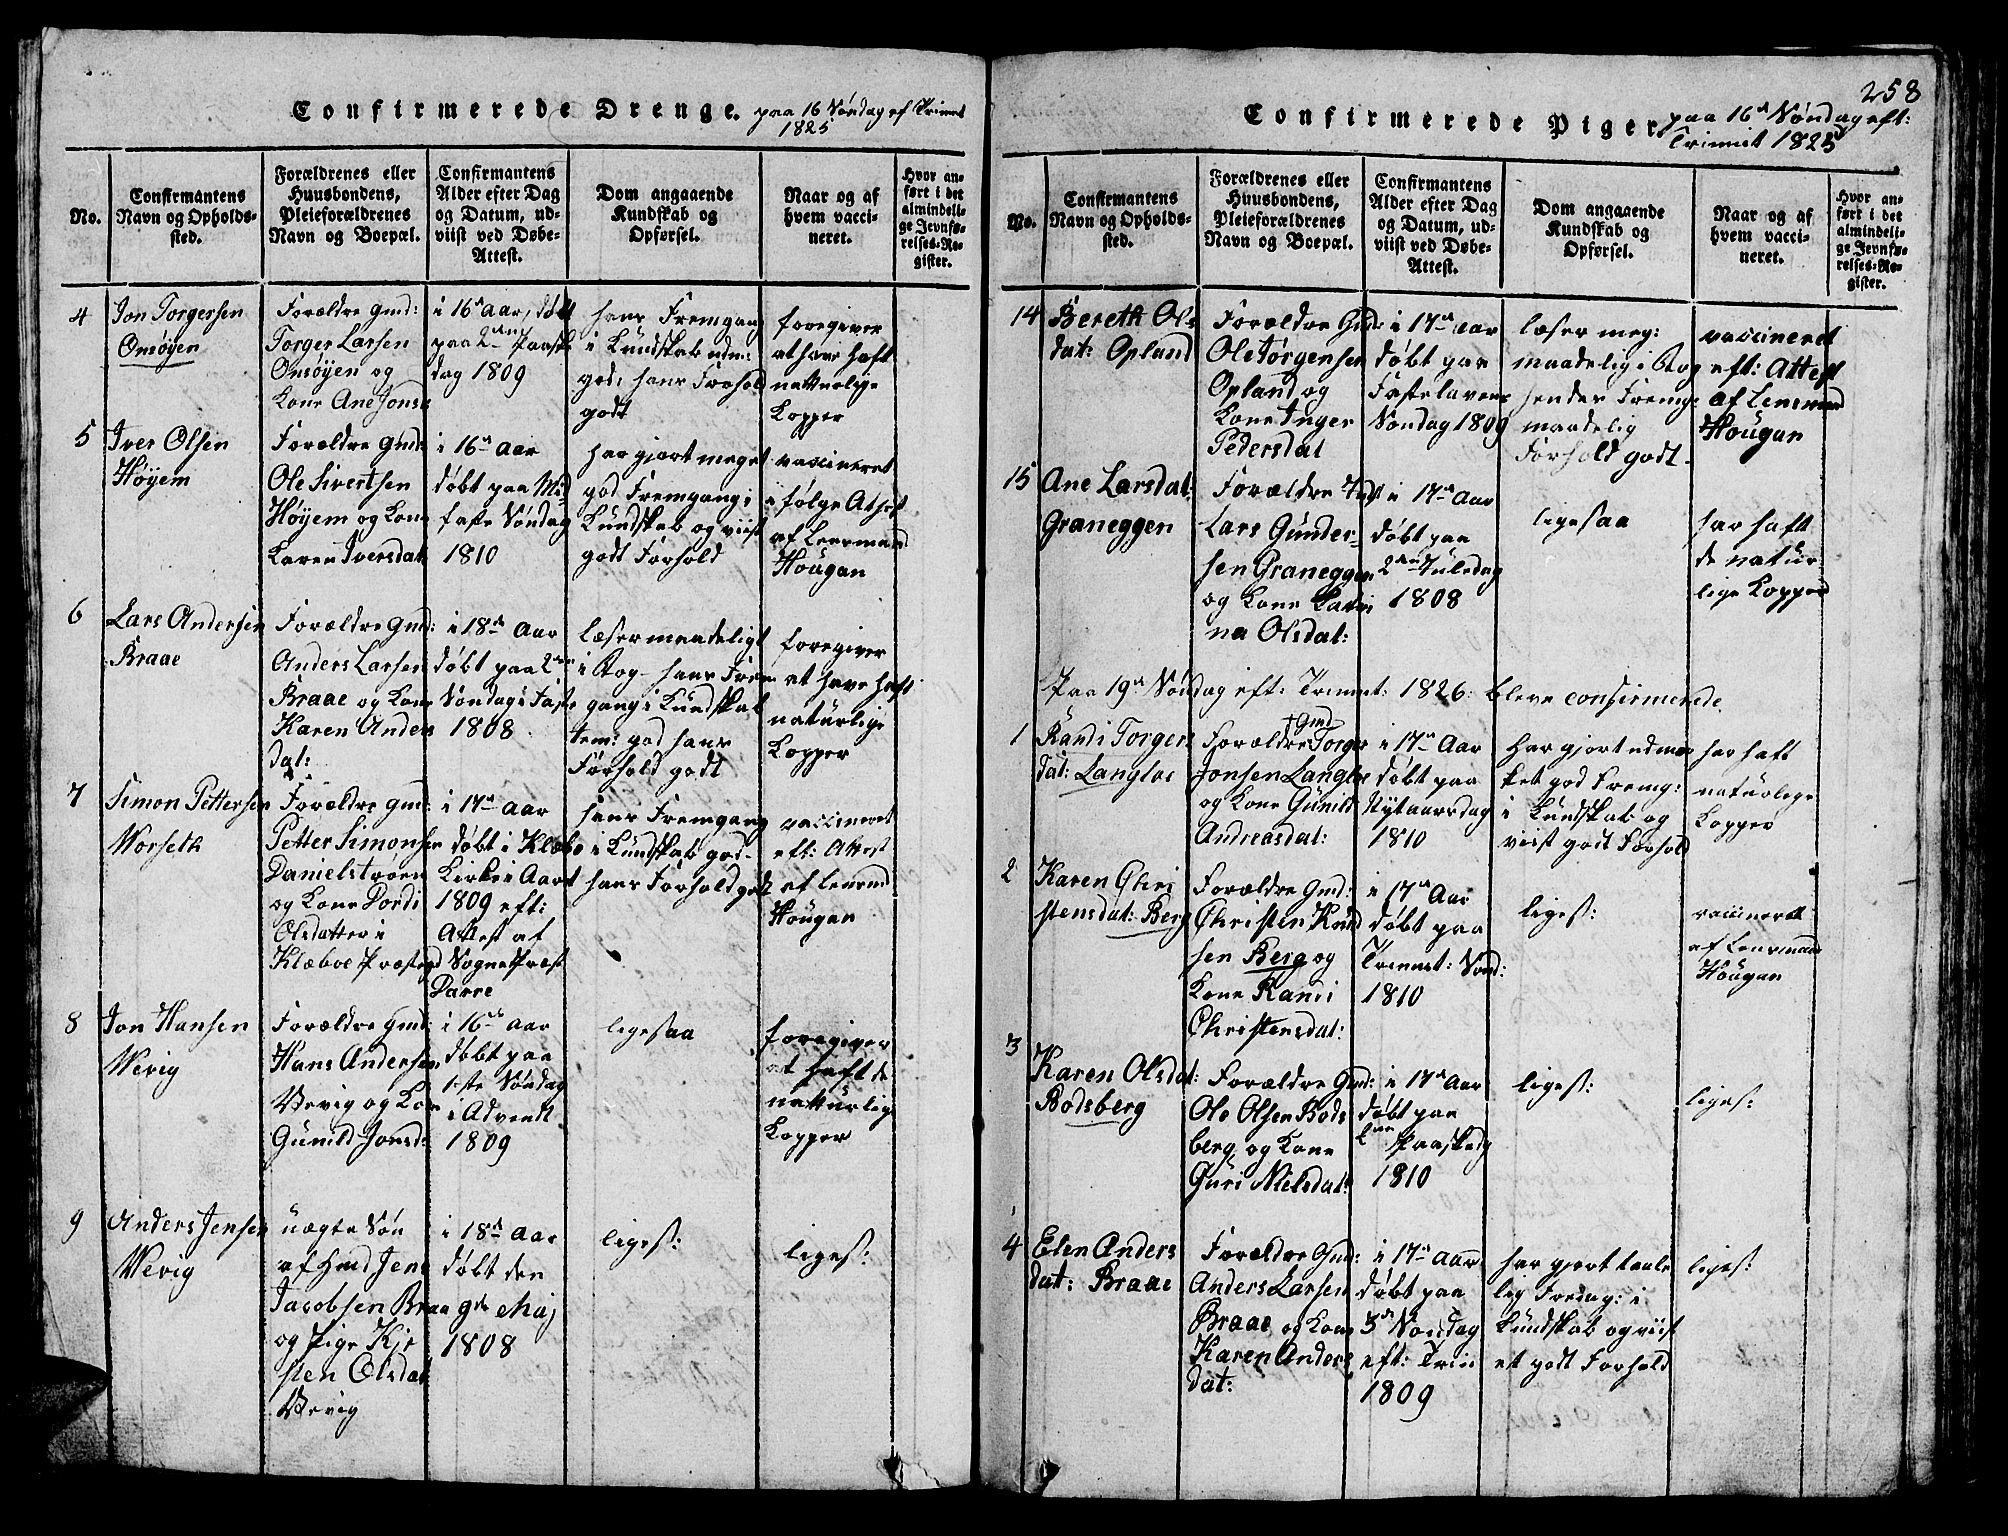 SAT, Ministerialprotokoller, klokkerbøker og fødselsregistre - Sør-Trøndelag, 612/L0385: Klokkerbok nr. 612C01, 1816-1845, s. 258